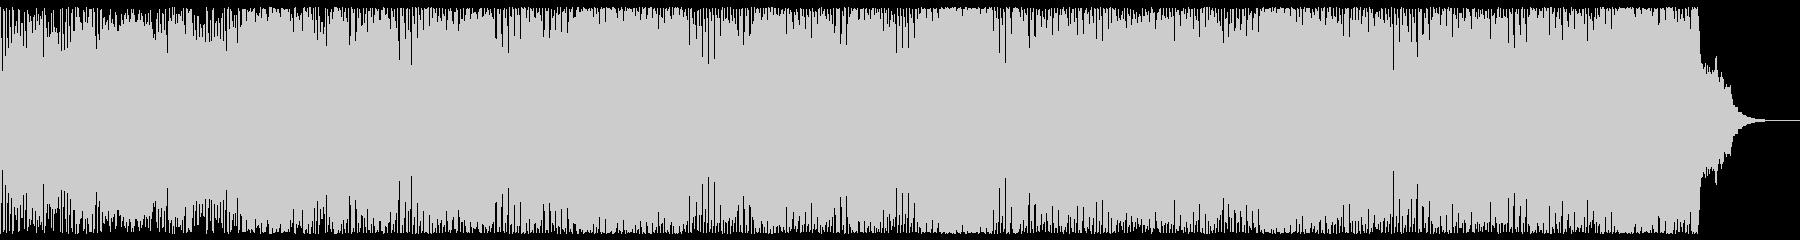 1980年スタイルの英国エレクトリ...の未再生の波形